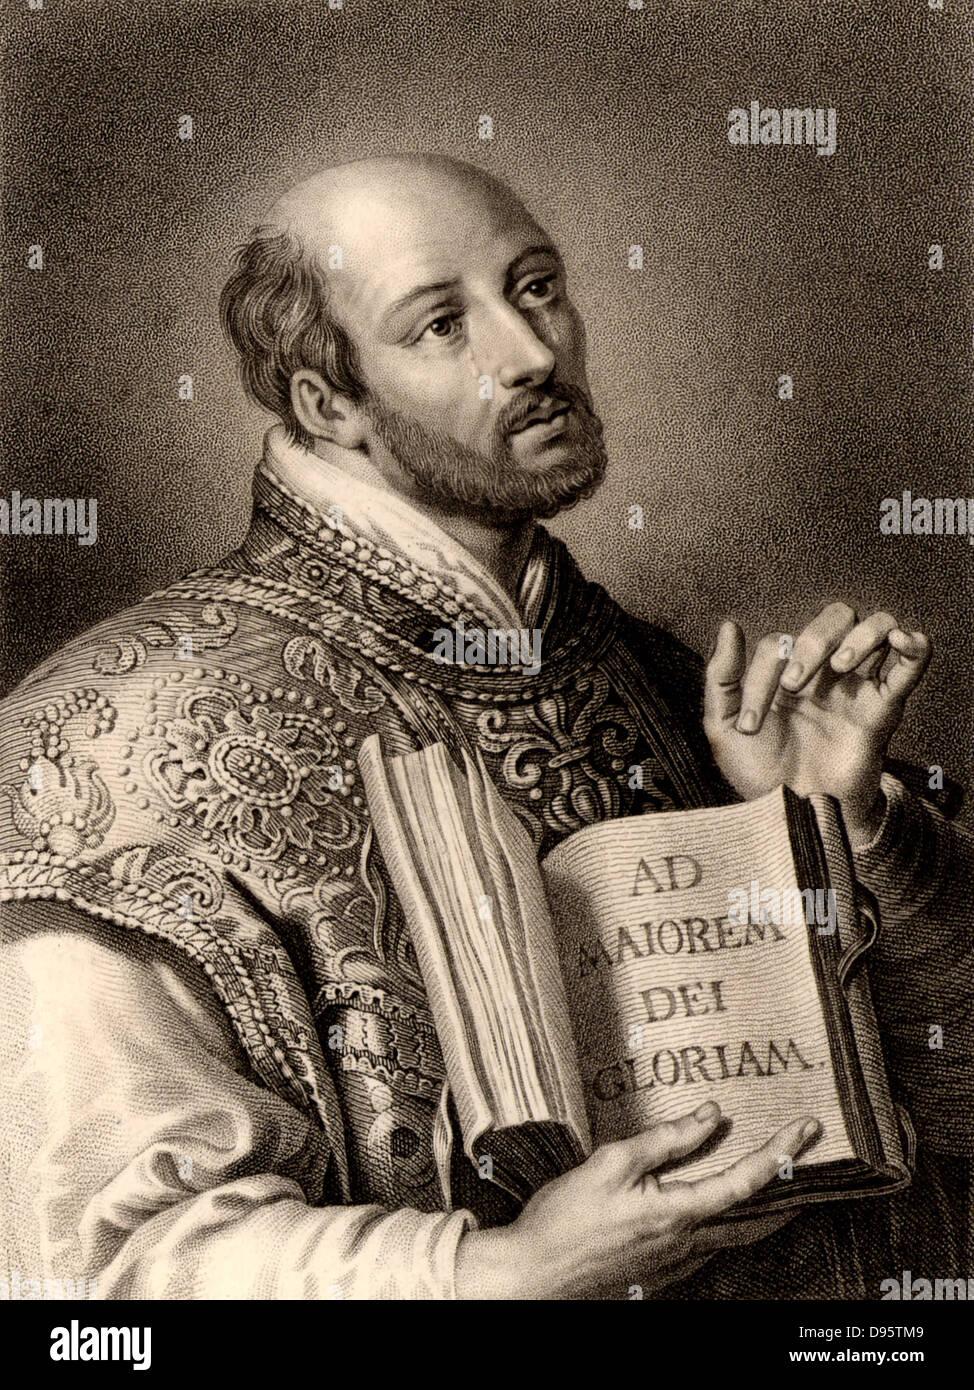 Ignatius loyola born inigo lopez de recalde 1491 1556 spanish soldier and